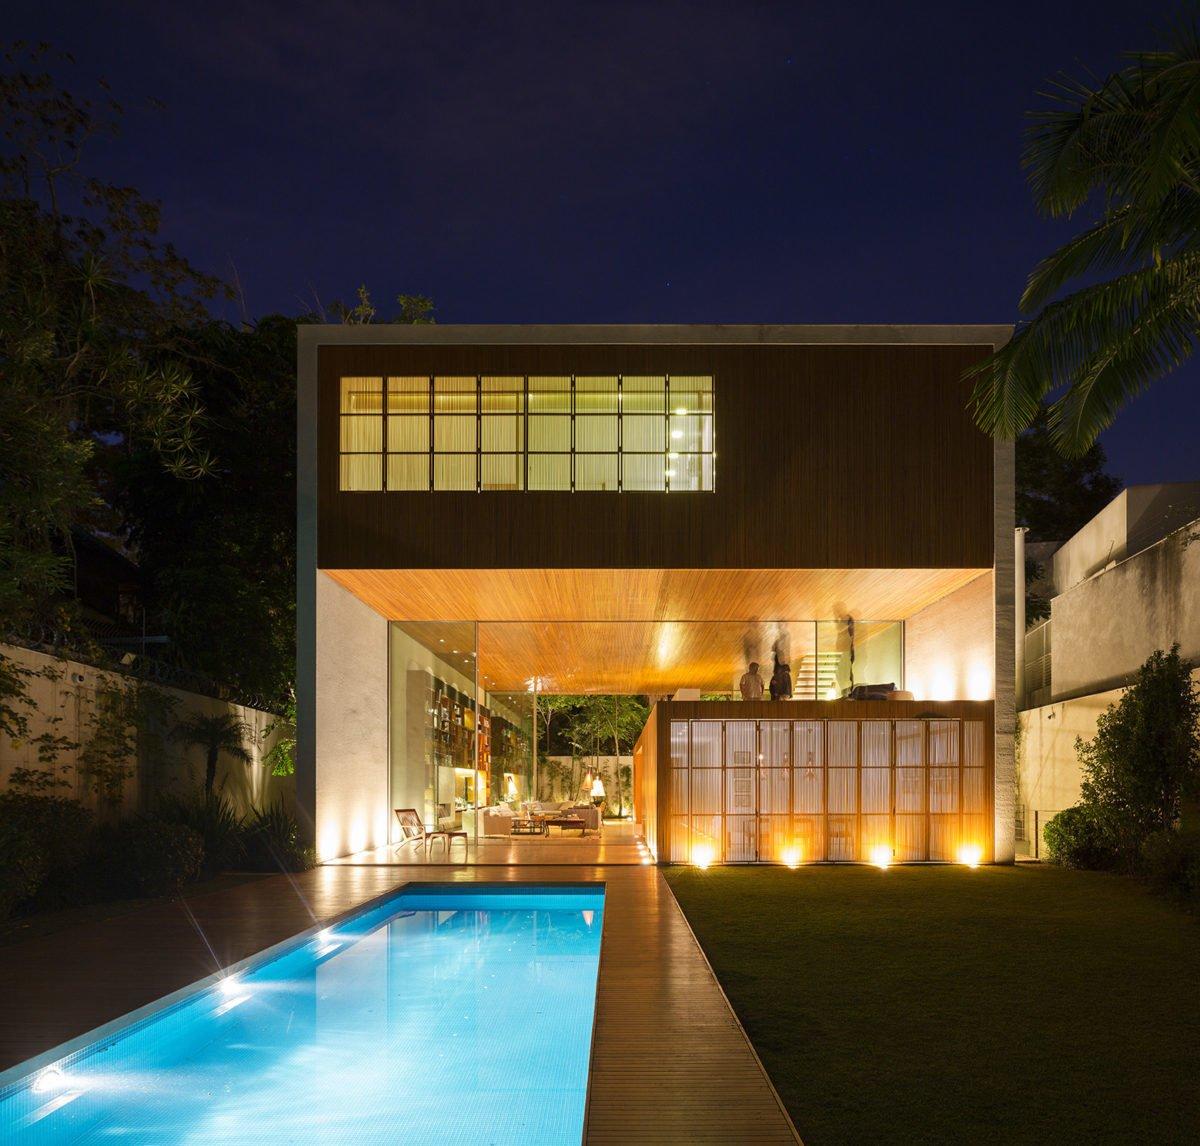 15Tetris House In São Paulo Brazil By Studiomk27 31 Ngôi nhà lấy ý tưởng từ trò chơi xếp hình TETRIS qpdesign